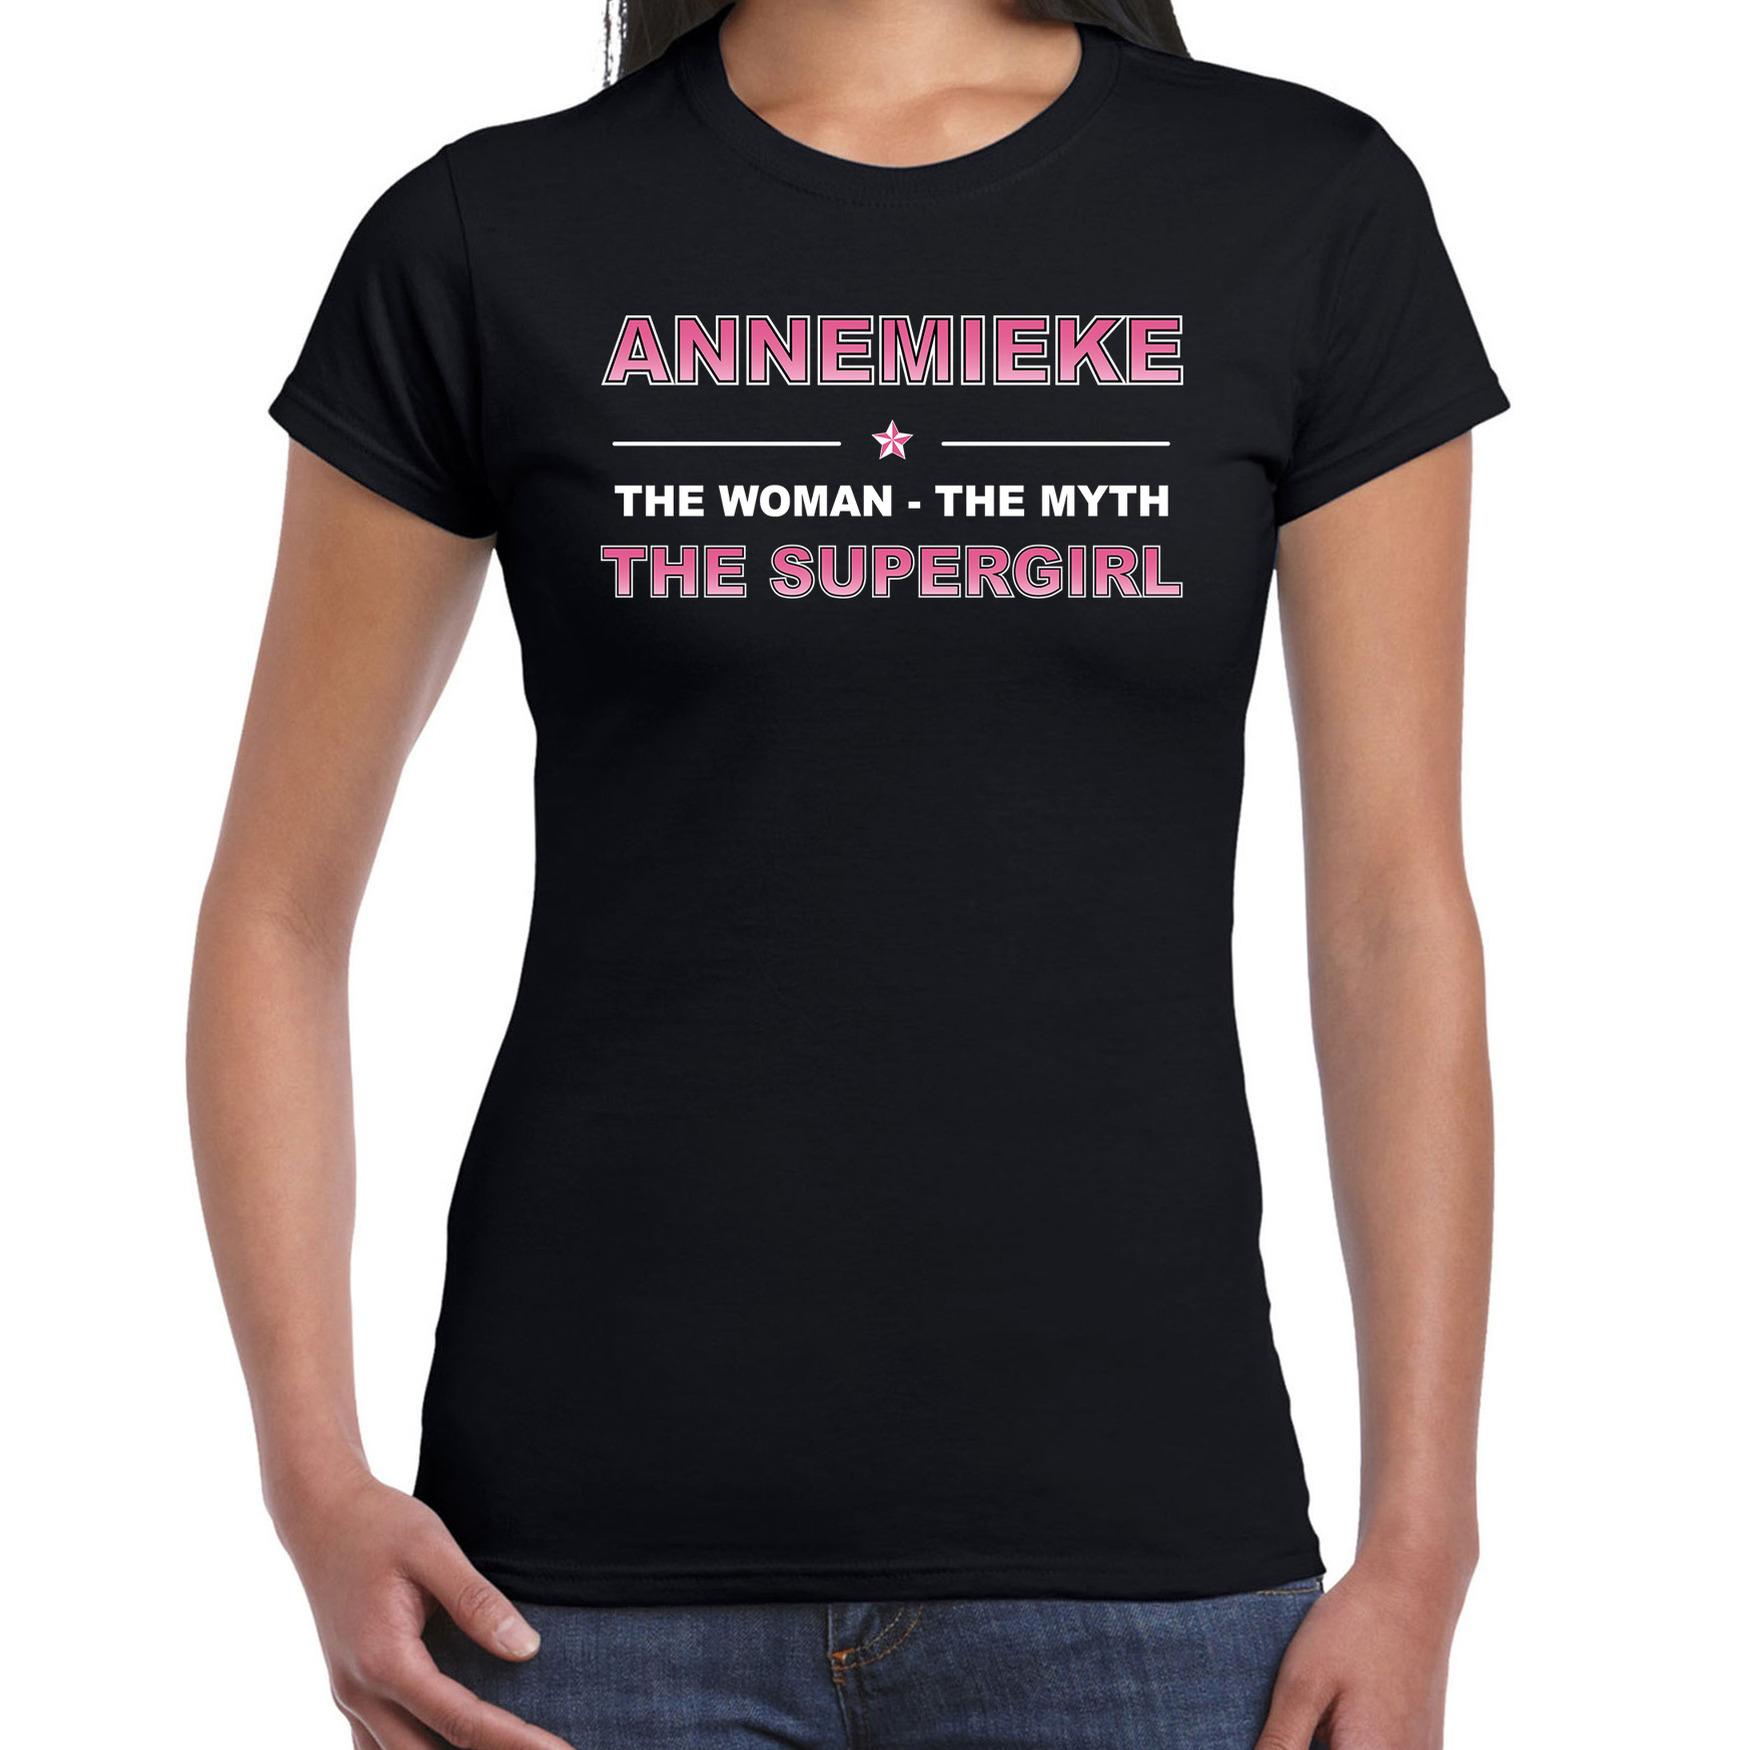 Naam cadeau t-shirt / shirt Annemieke - the supergirl zwart voor dames